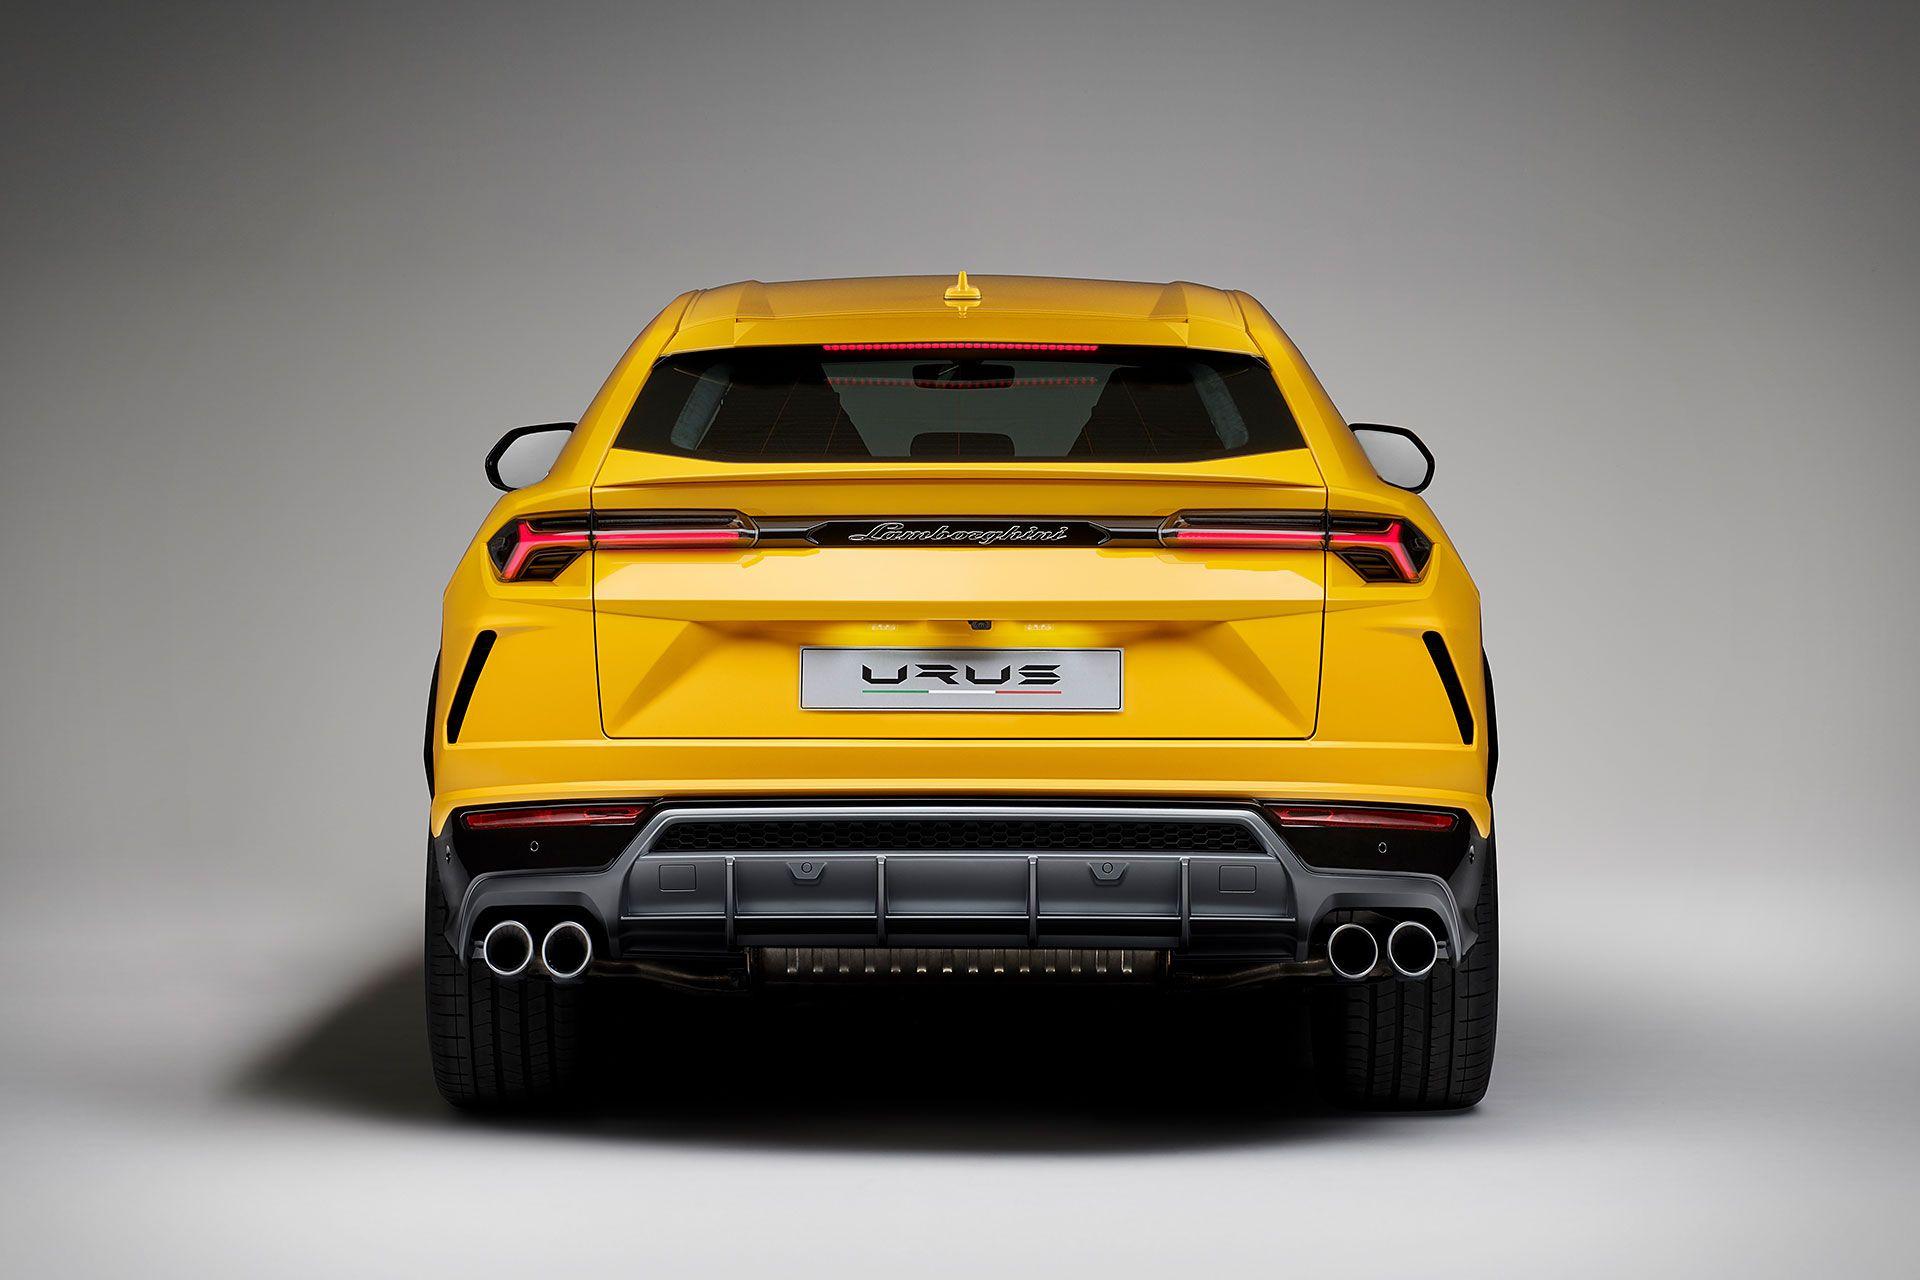 2018 Lamborghini Urus Lamborghini Super Cars Car Wallpapers